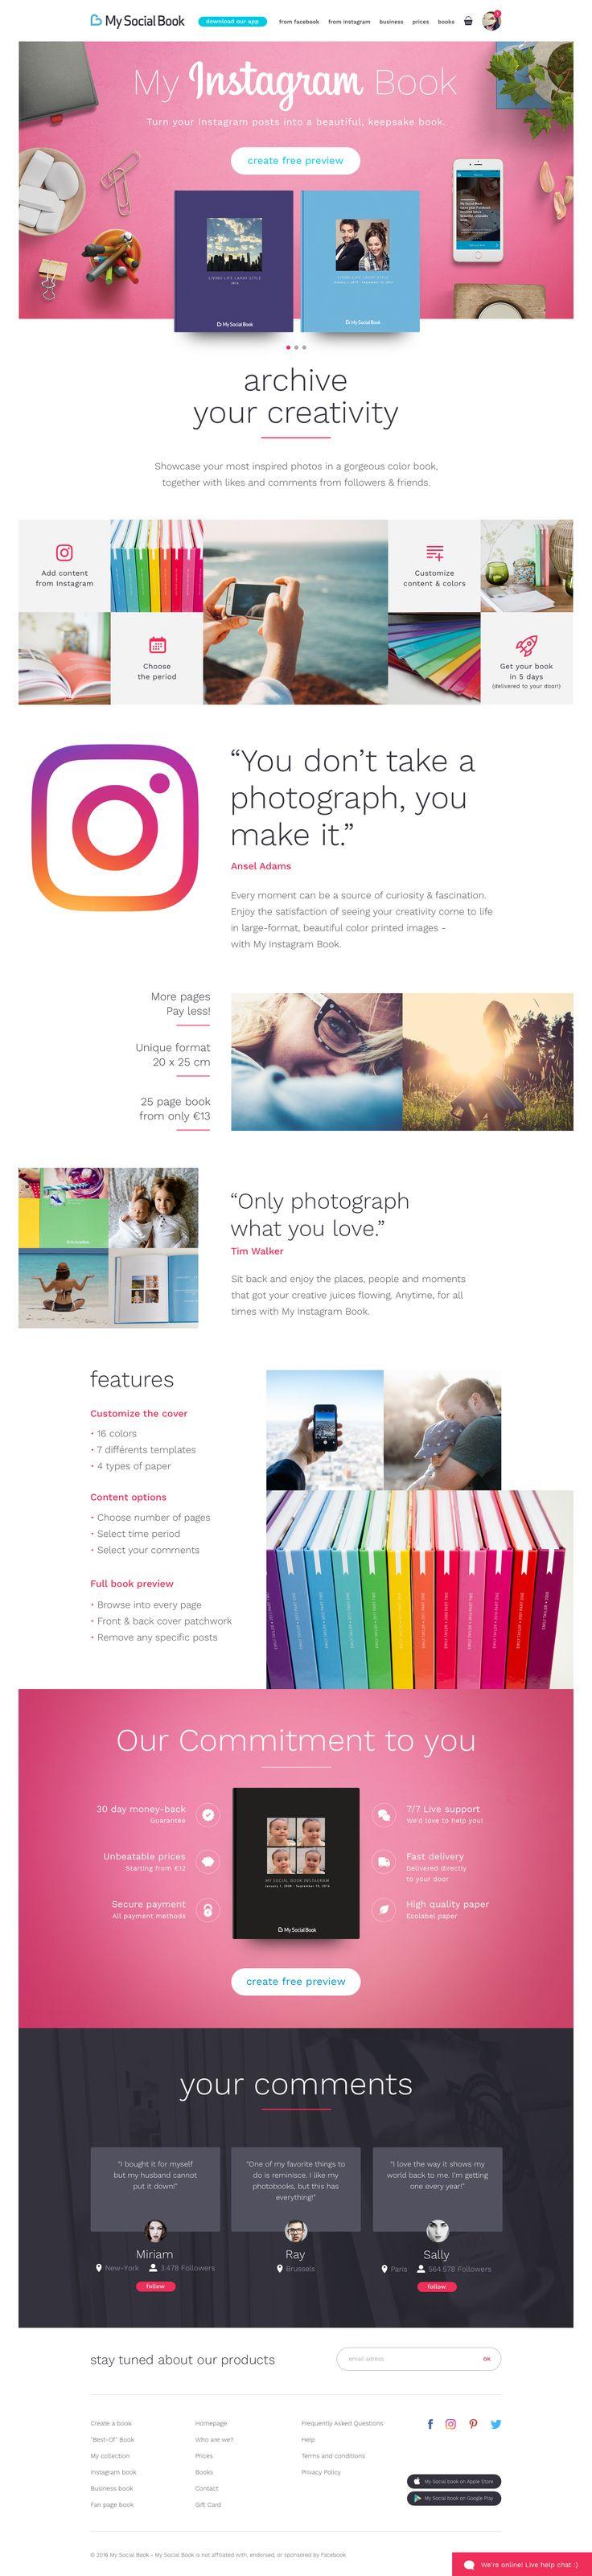 2526 best Webdesign insp. images on Pinterest   Web layout, Website ...